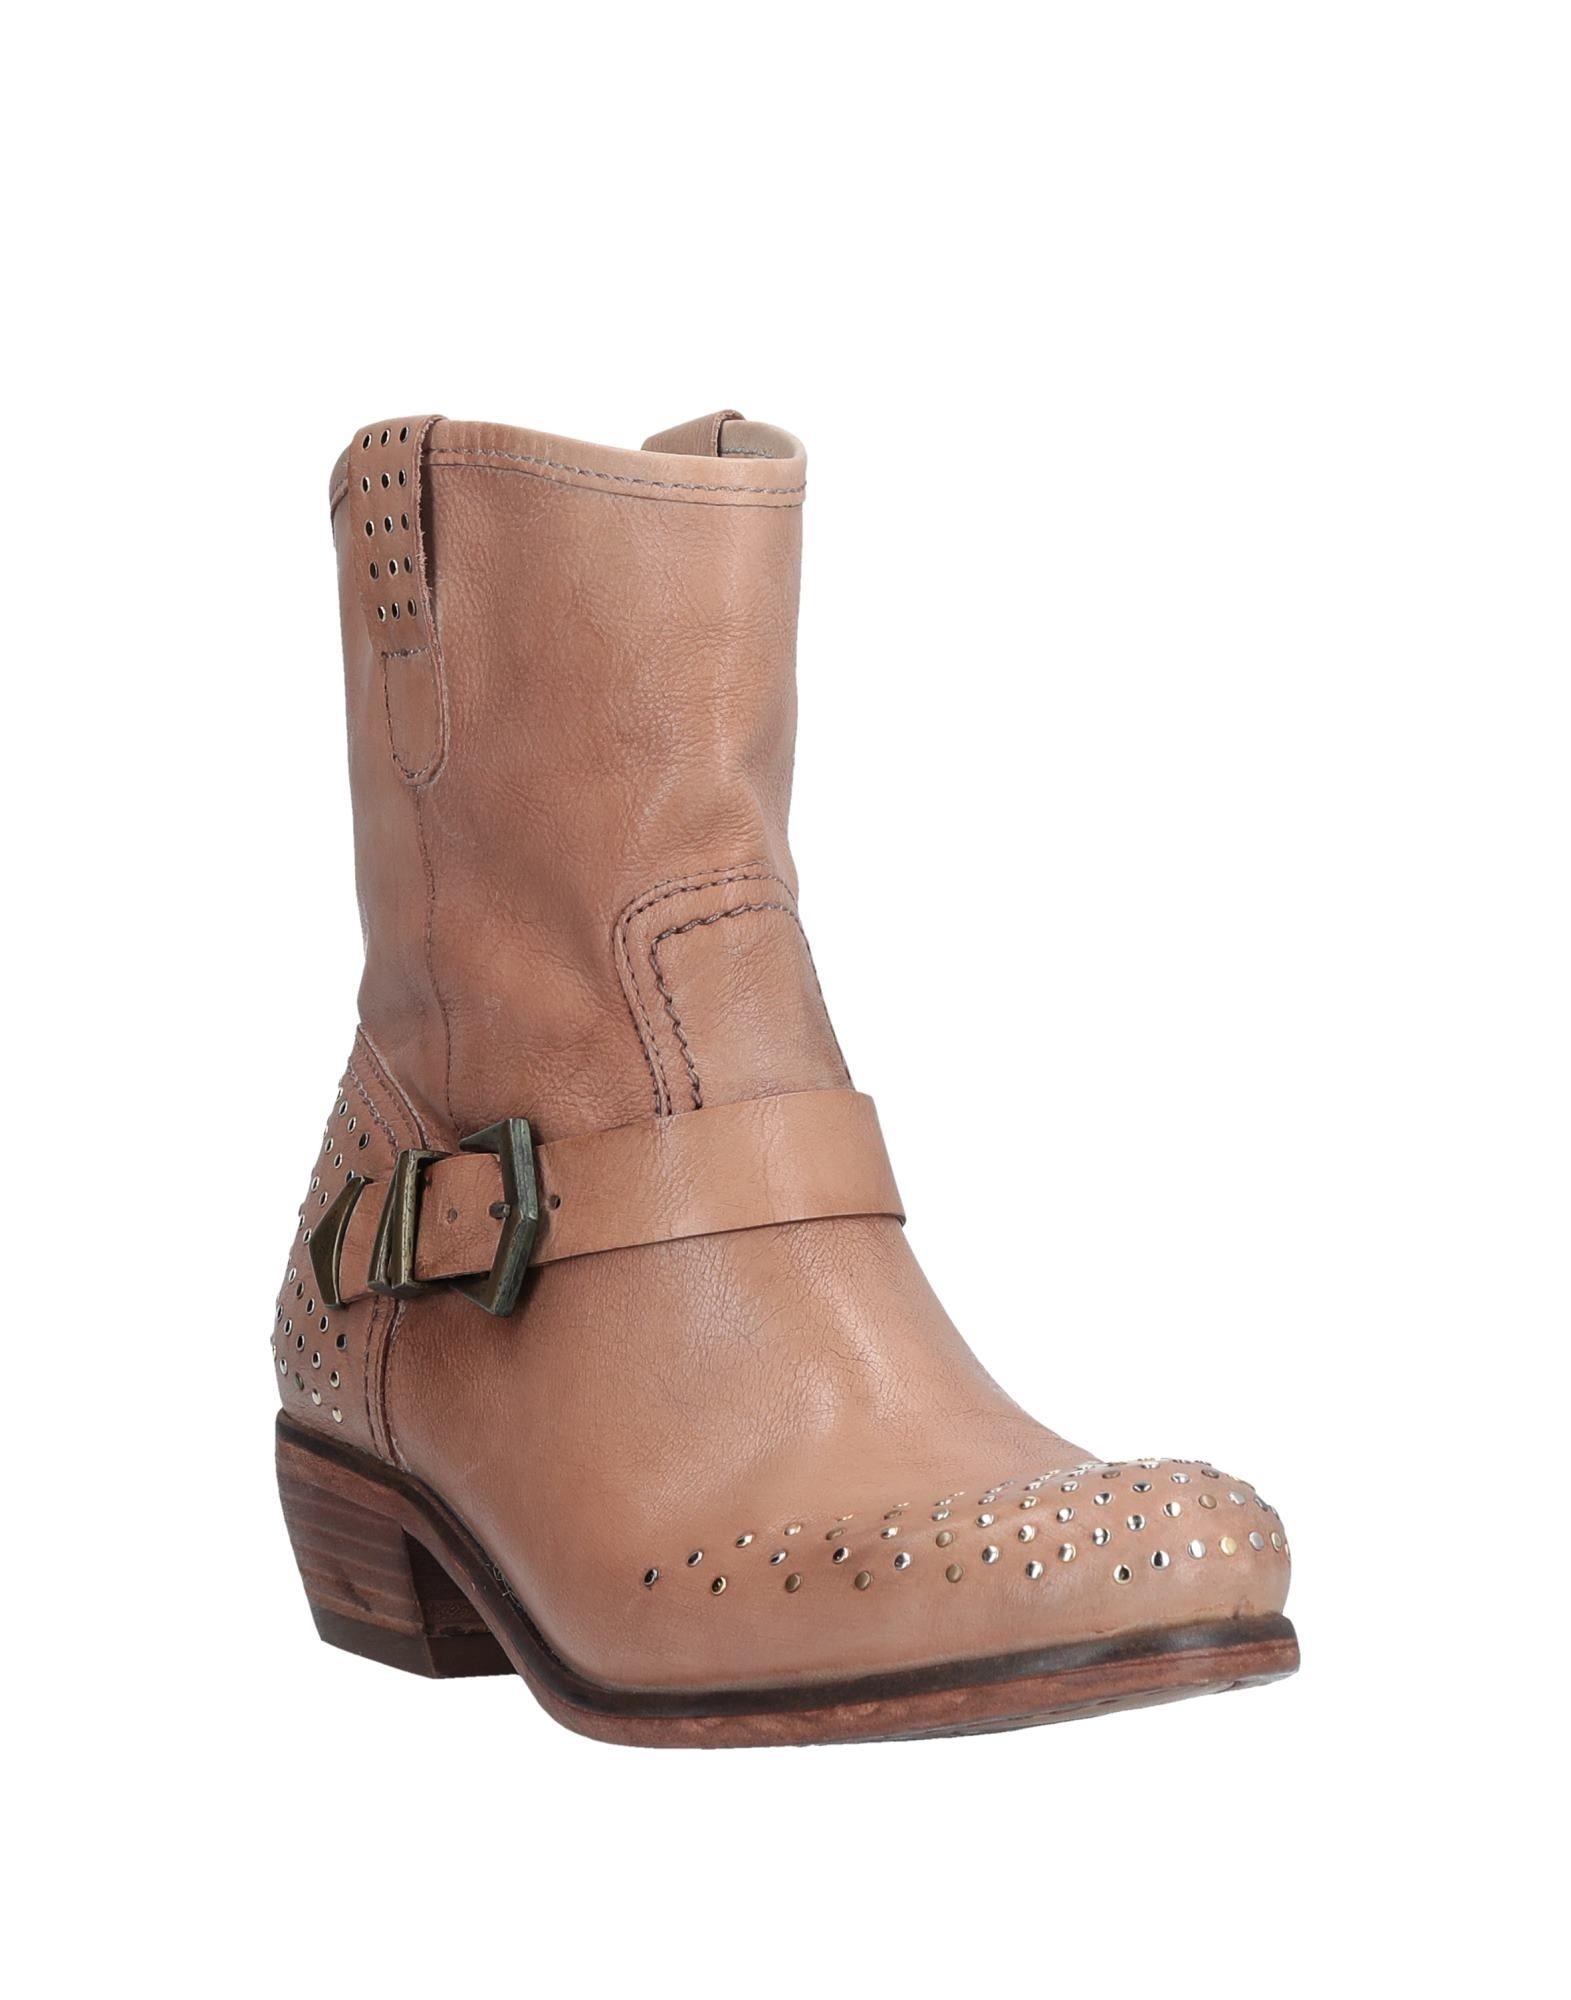 Gut um billige Damen Schuhe zu tragenCatarina Martins Stiefelette Damen billige  11539207HS 9a86ca